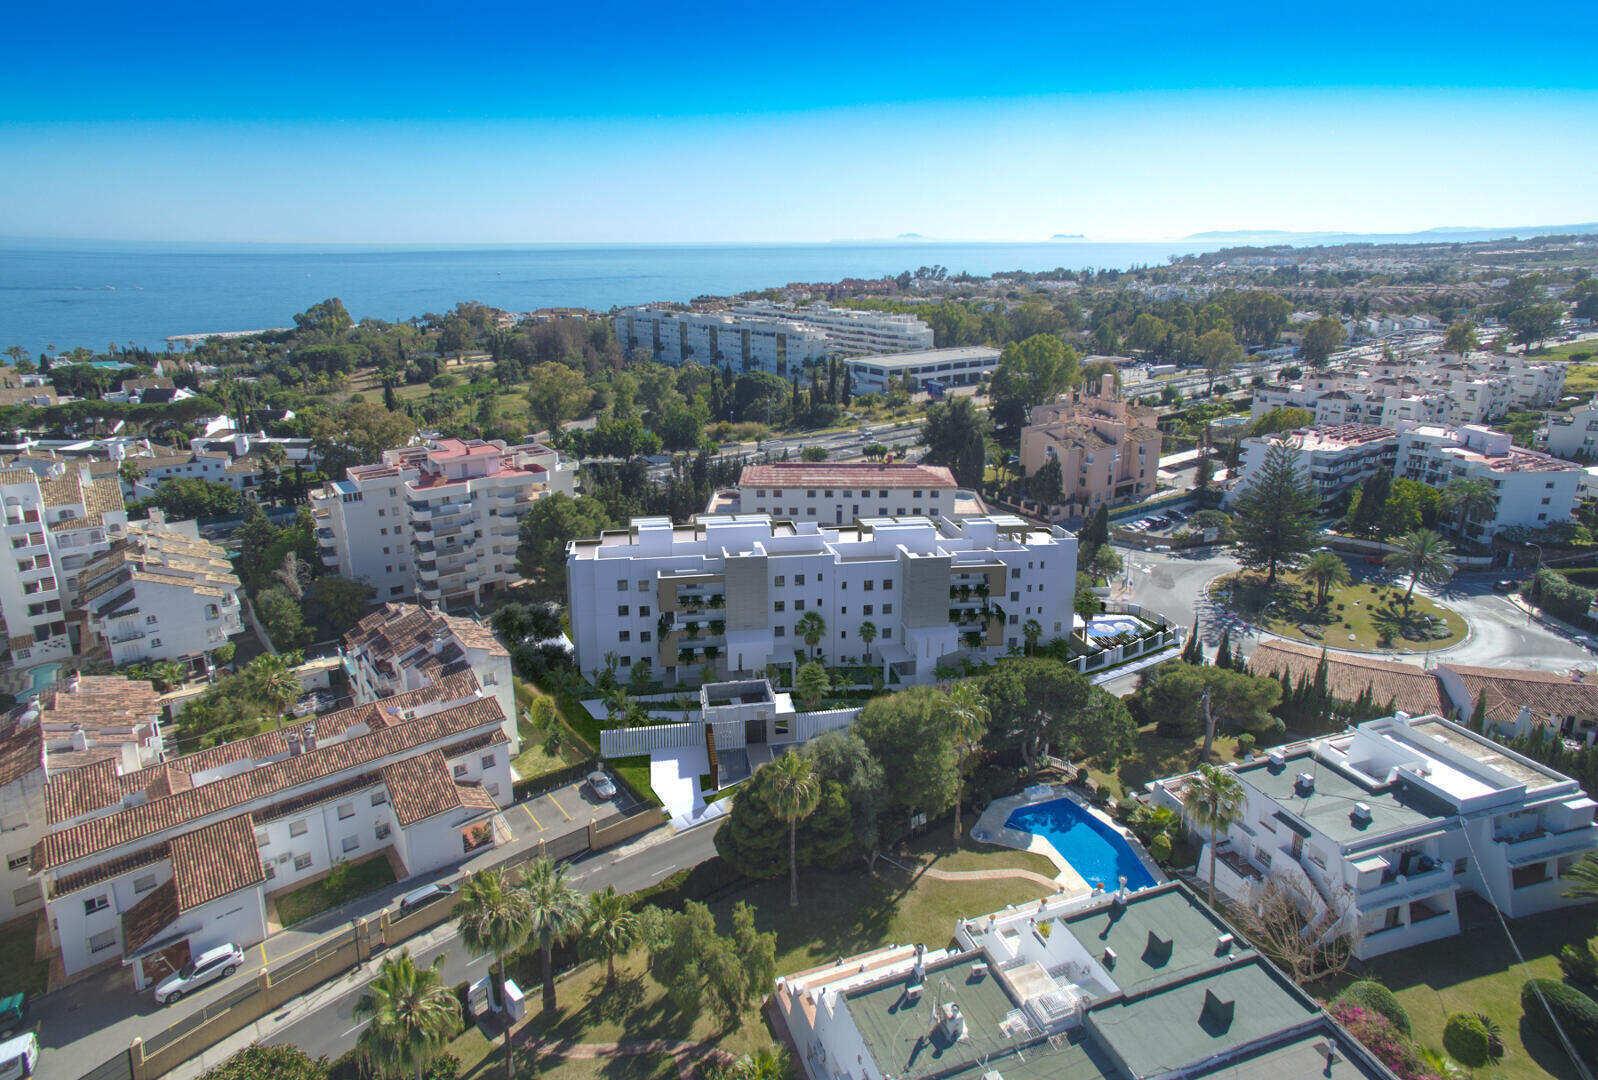 Royal Banus Marbella apartment for sale